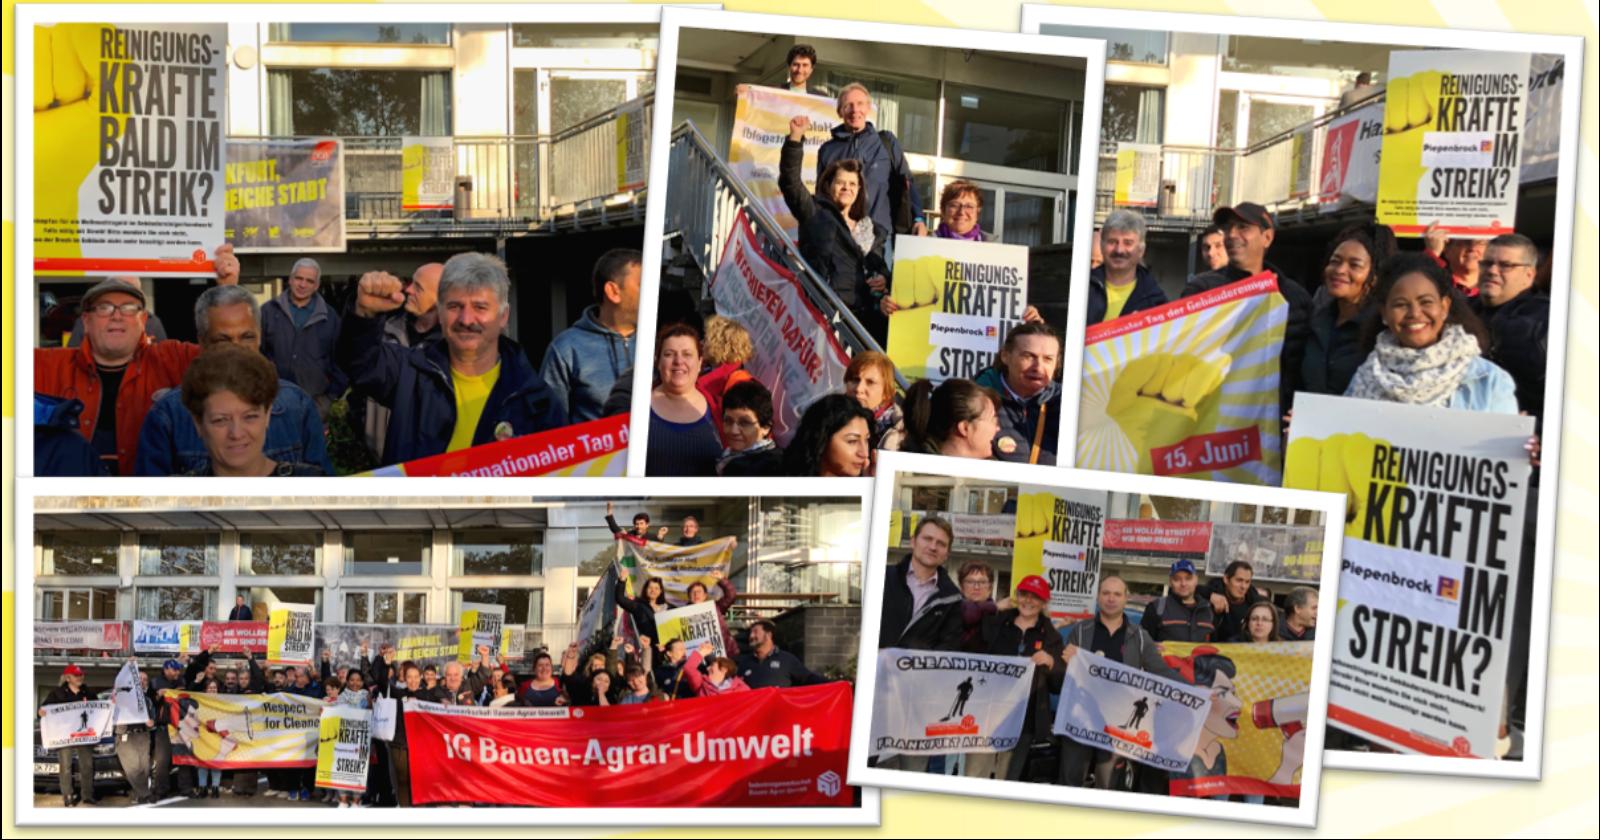 Kämpferische Stimmung vor Streiklokal in Frankfurt - Beschäftigte von Piepenbrock und WISAG im Warnstreik